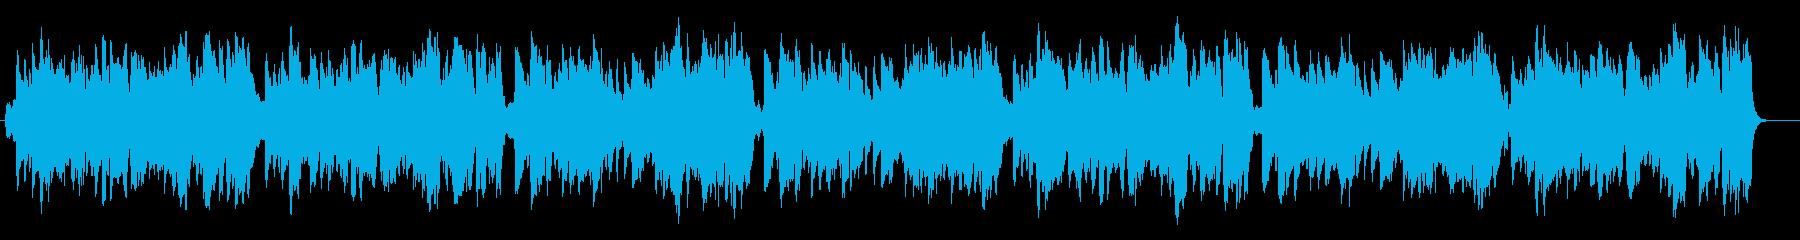 生演奏リコーダーでさわやかな朝のBGMの再生済みの波形